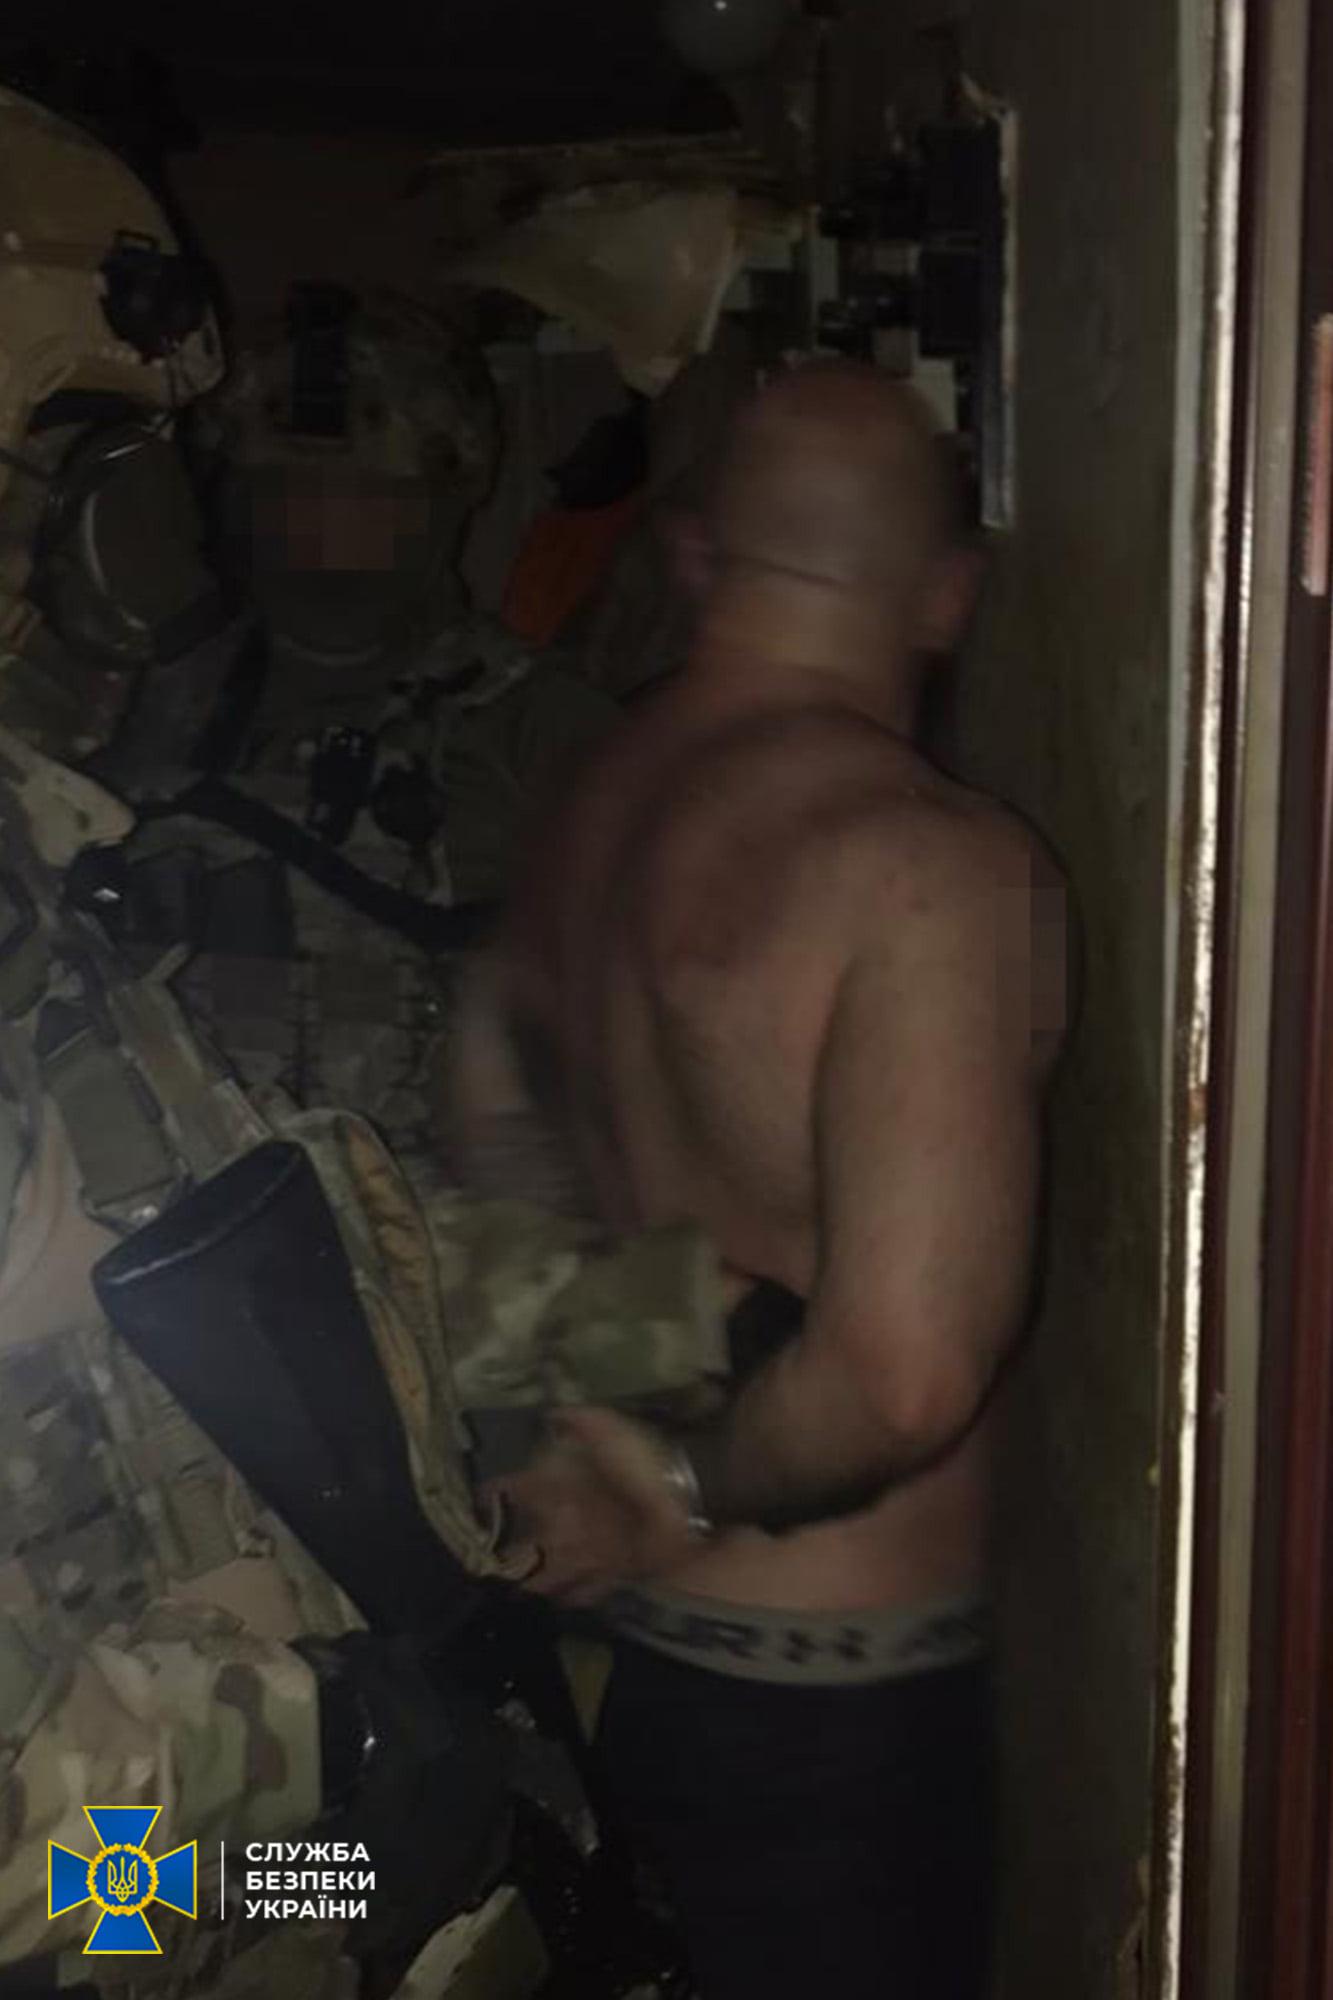 Впервые в истории страны украинцу вручили подозрение в пиратстве - фото 1